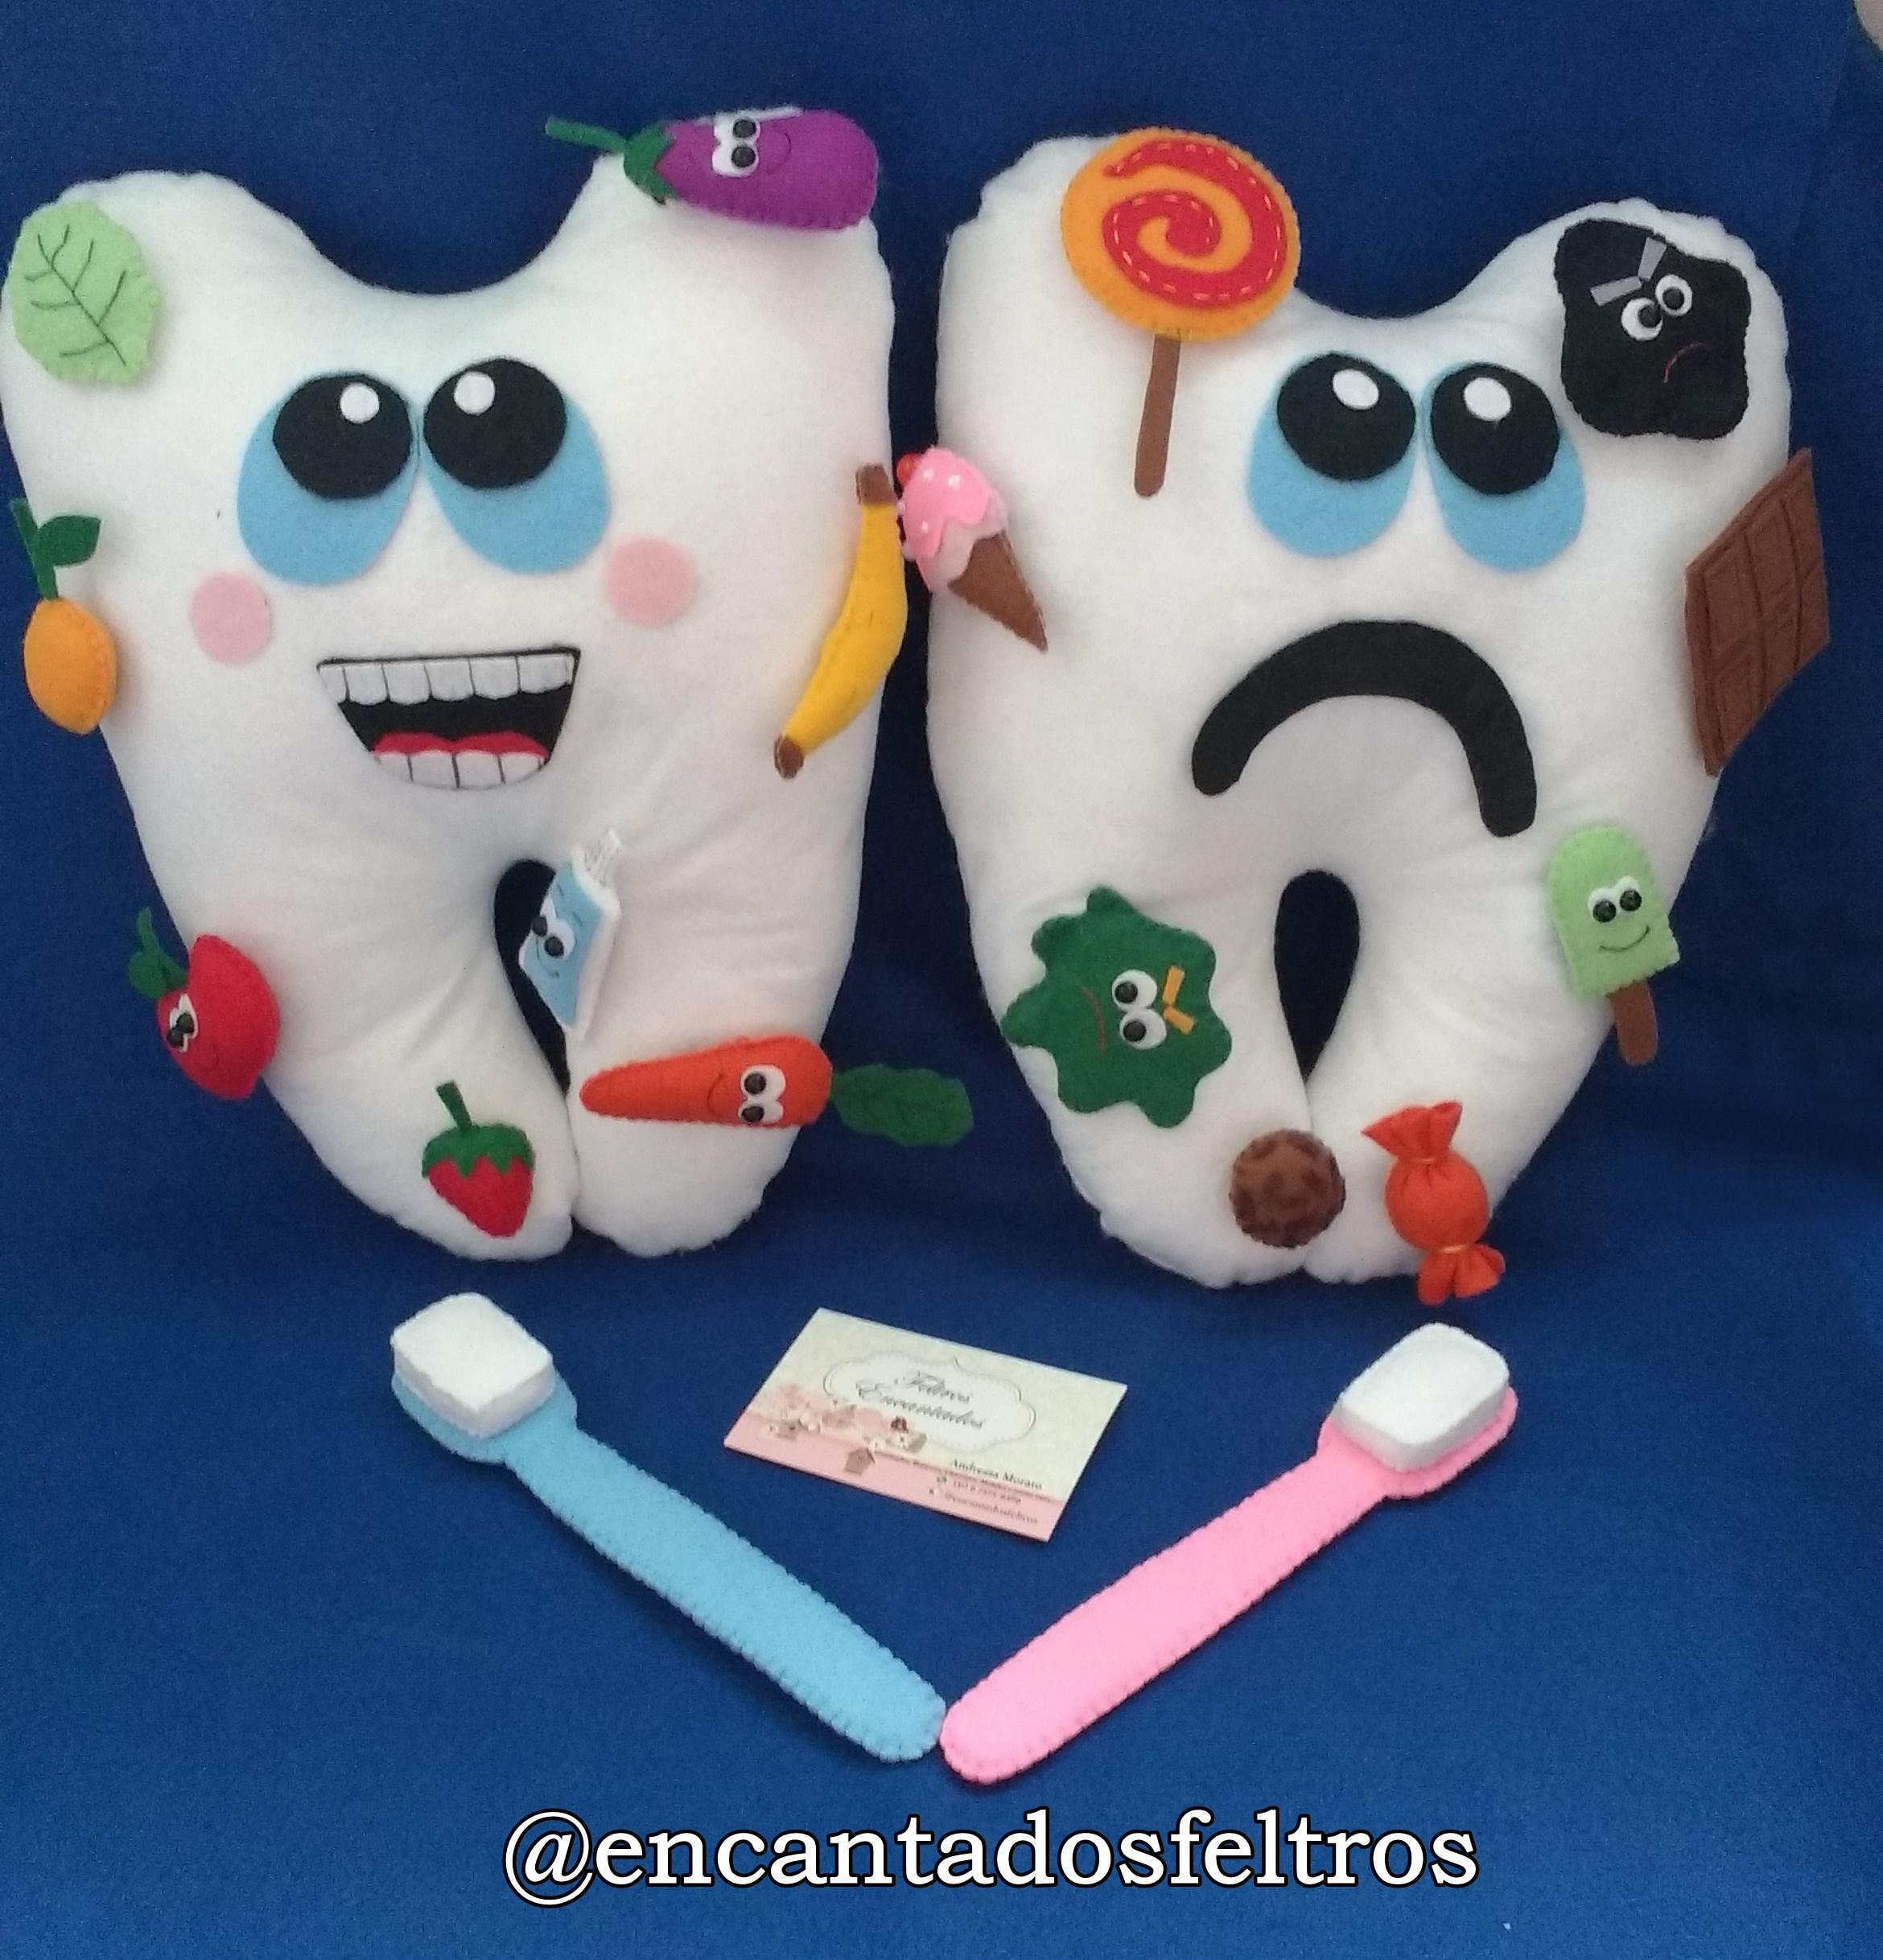 Dente Feliz E Dente Triste No Elo7 Feltros Encantados A20c4a